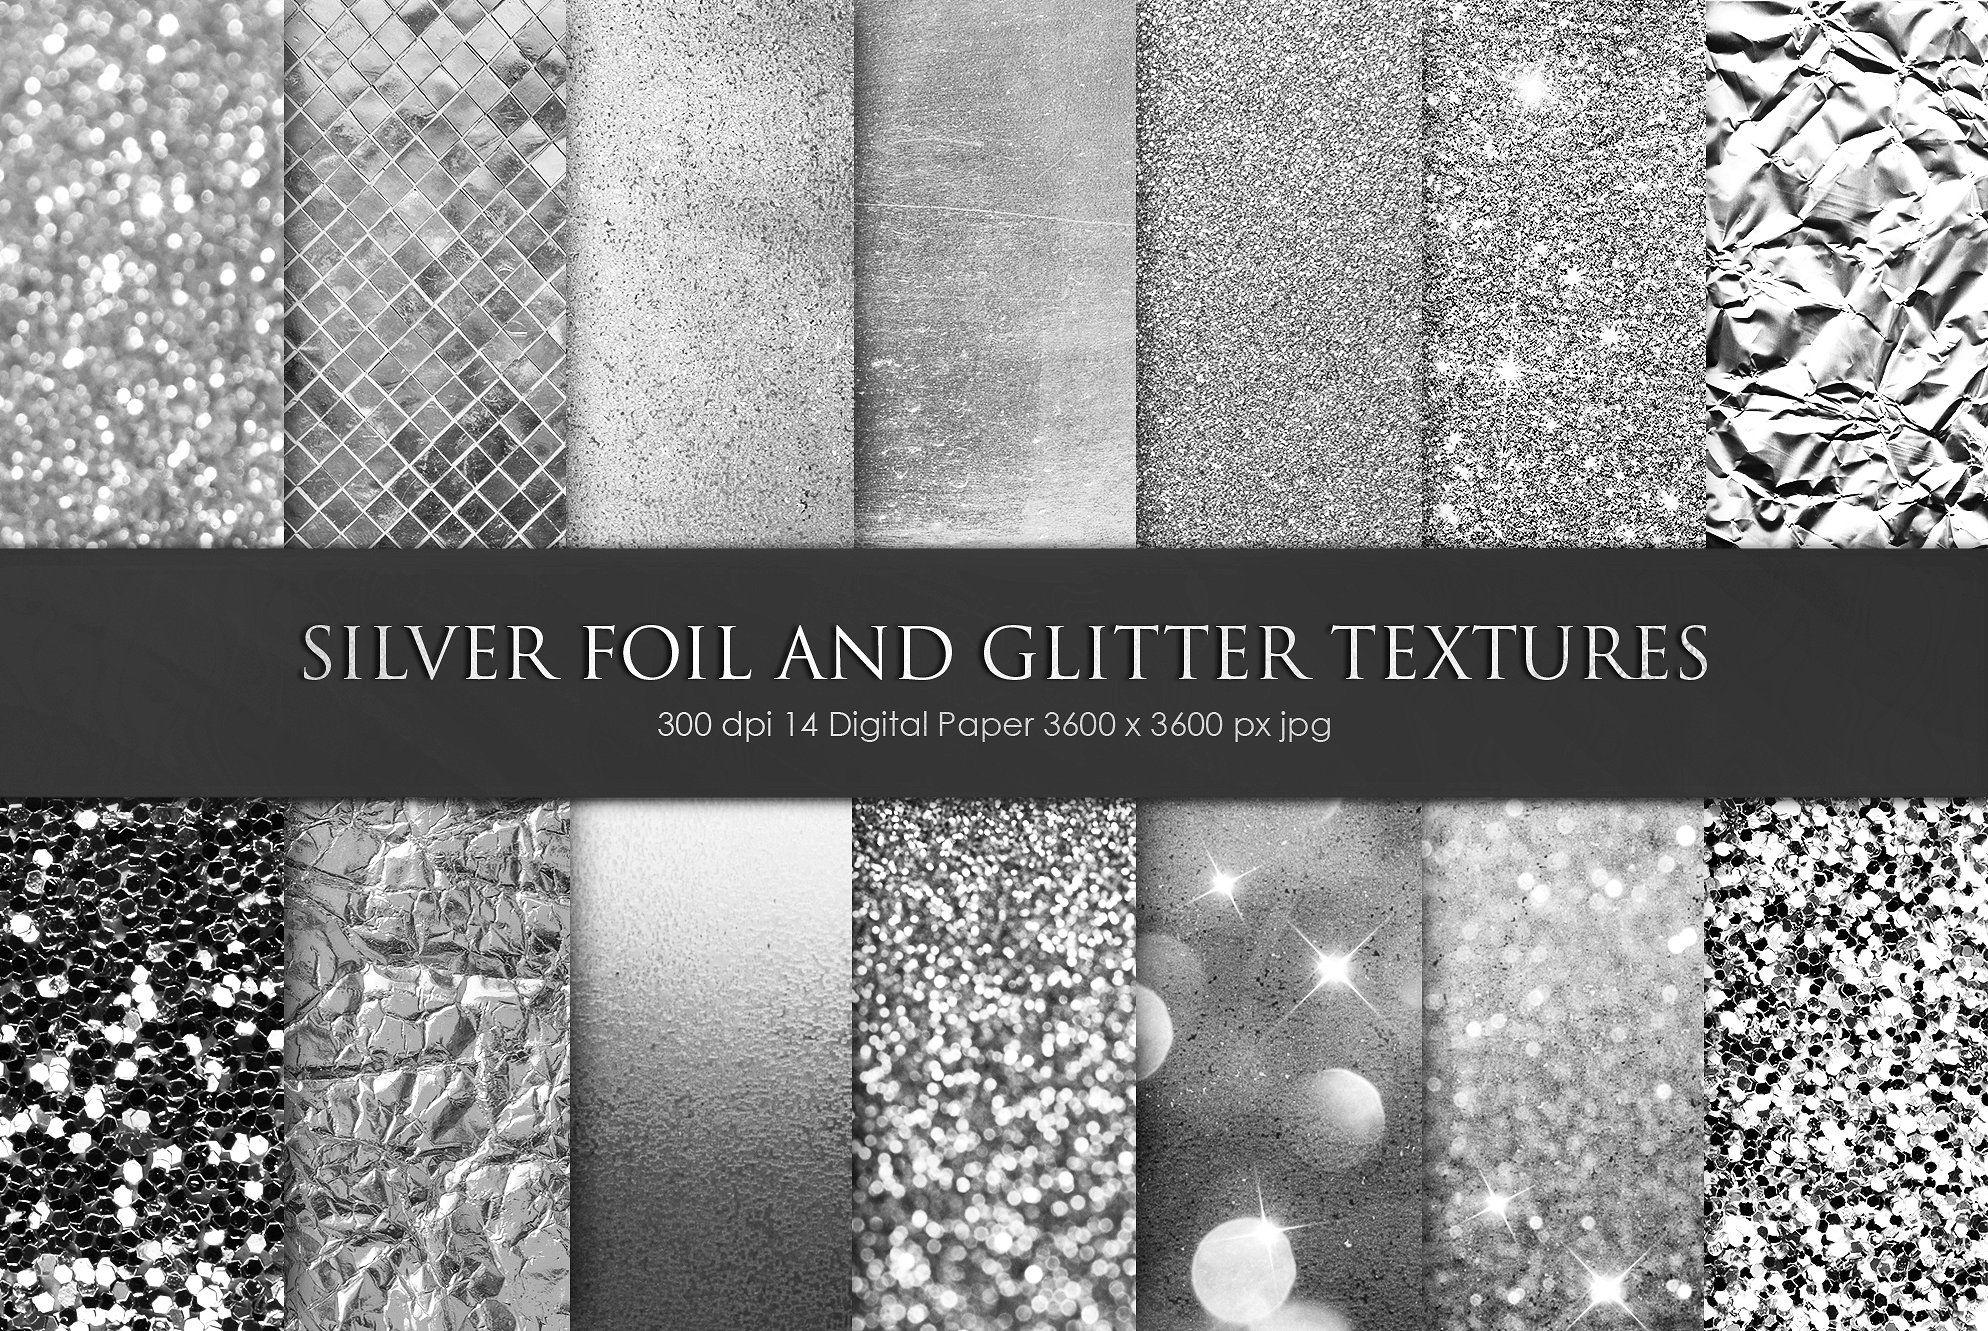 Foil And Glitter Textures Bundle Paint Background Glitter Pictures Textured Background